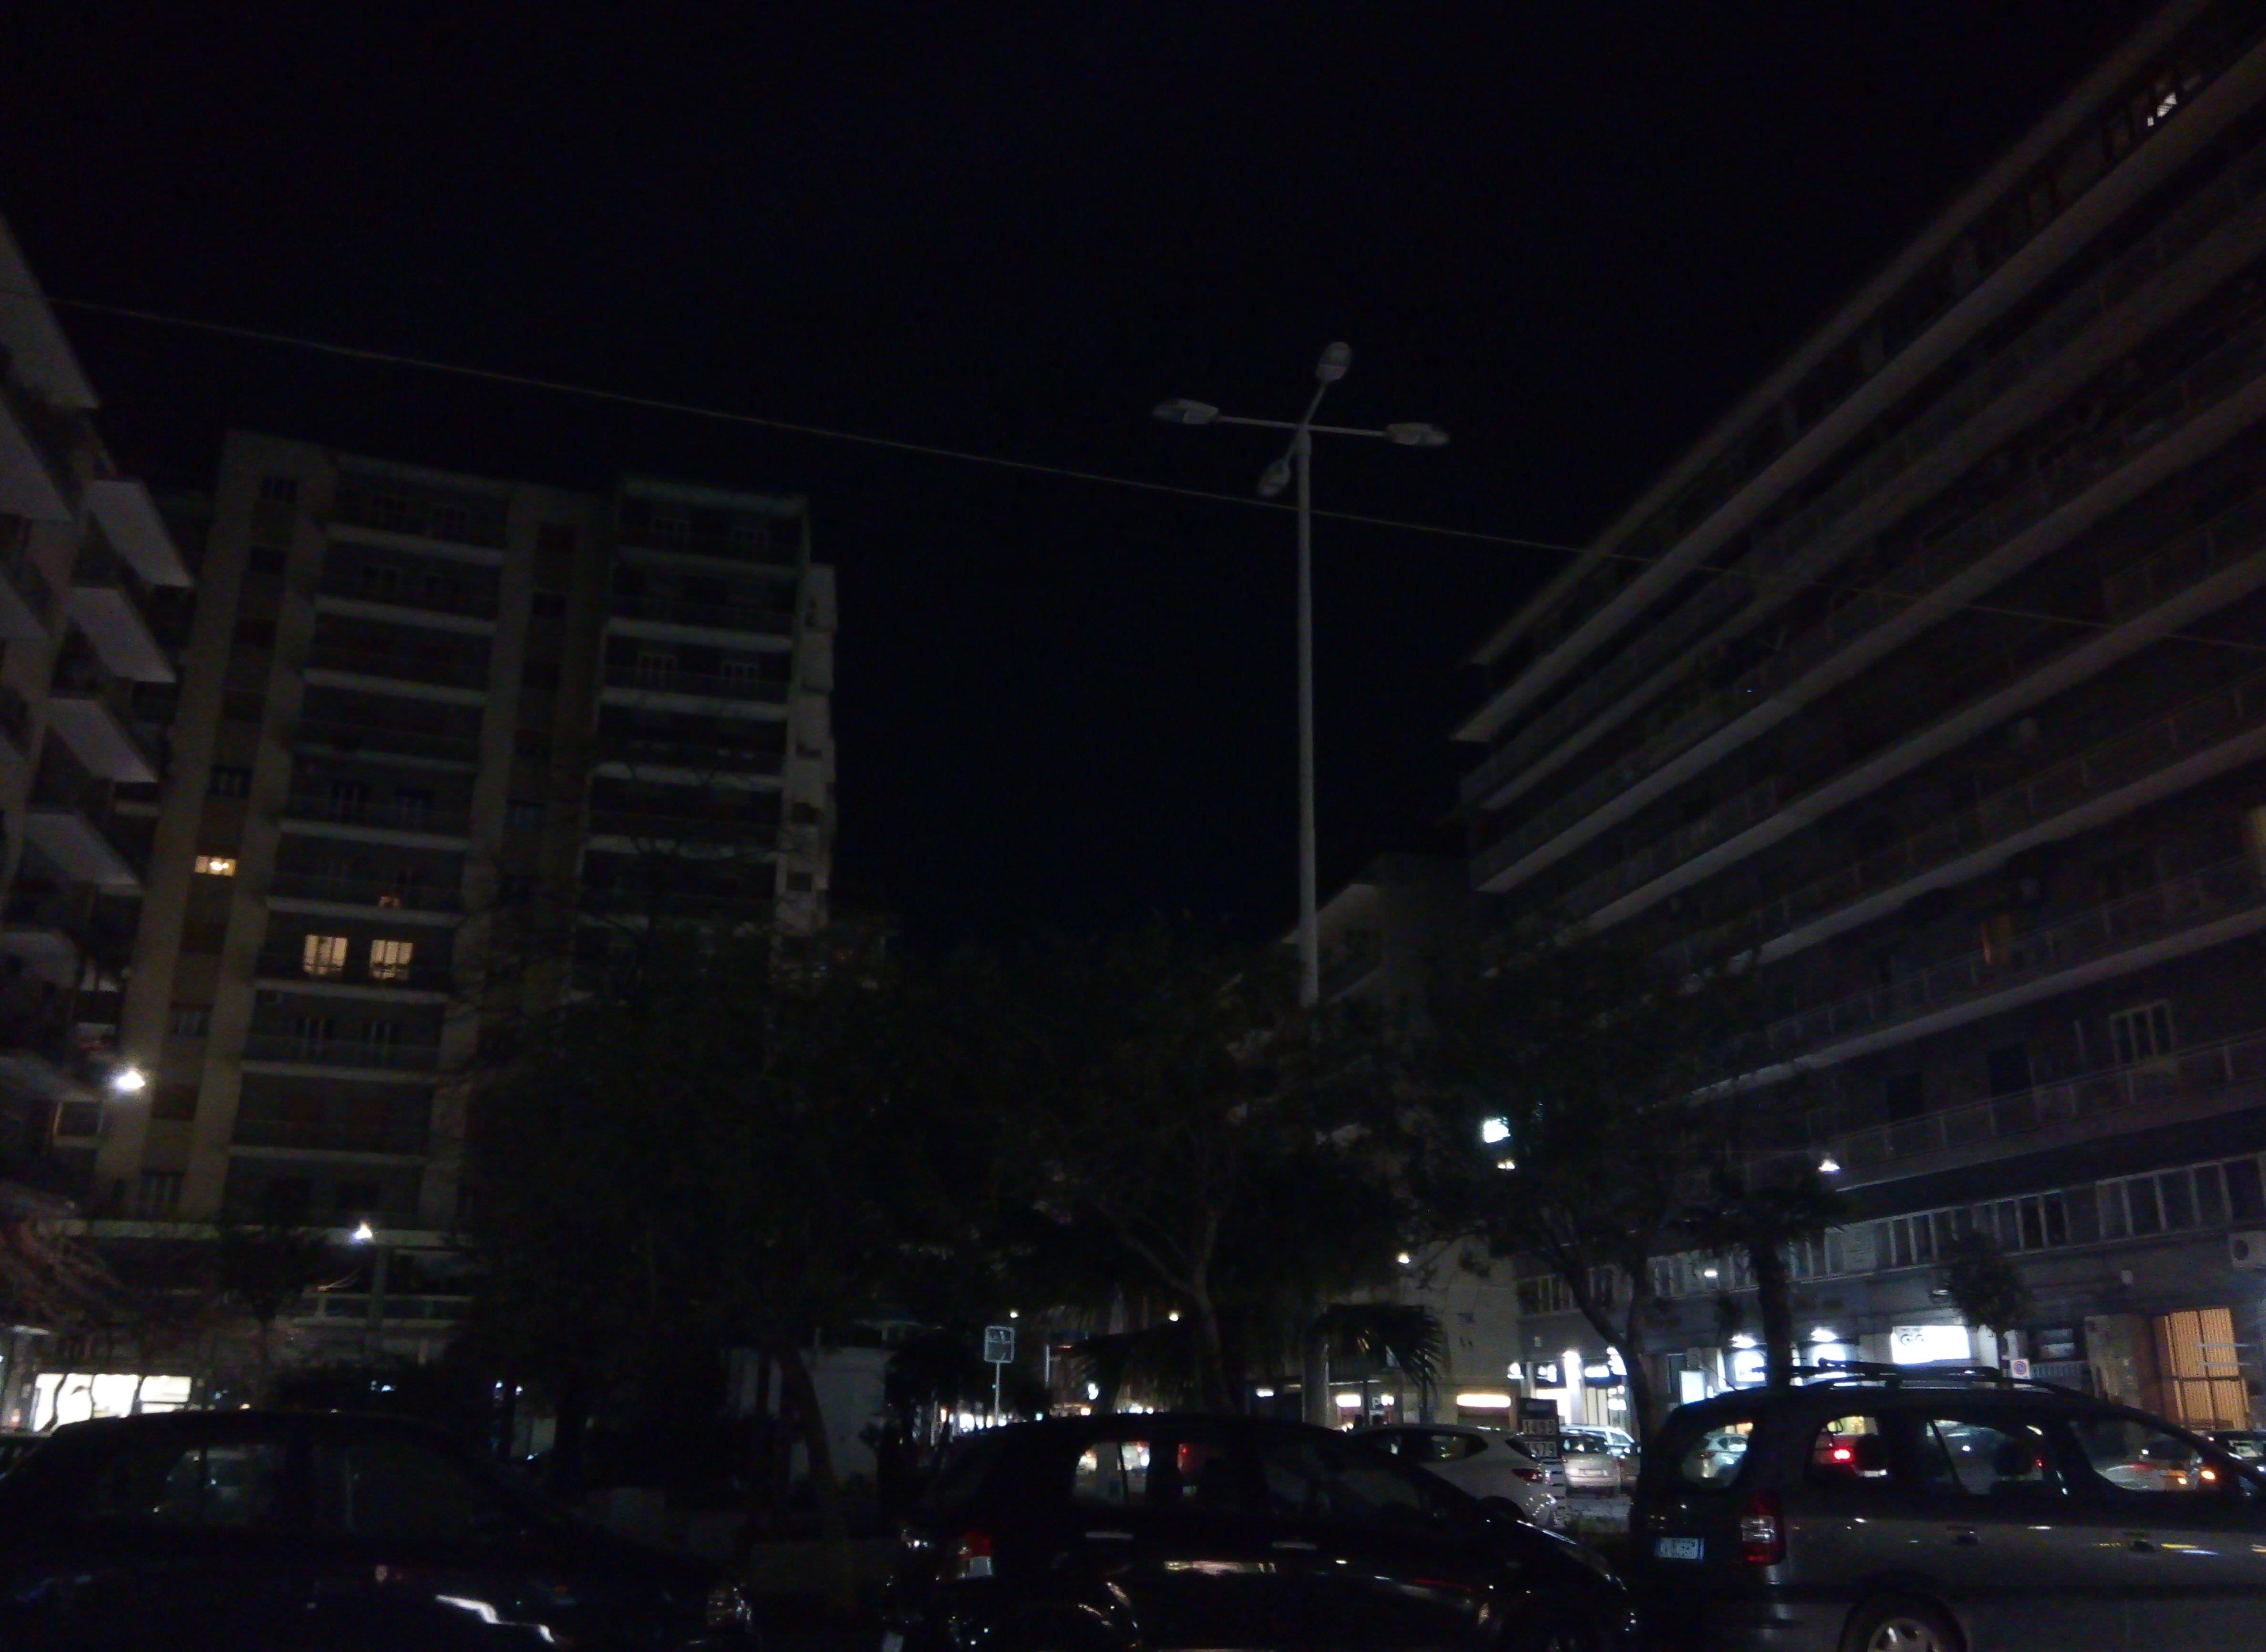 """Piazza Ludovico Ariosto al buio, Comitato Vulcania: """"Interventi per l'incolumità dei cittadini"""""""